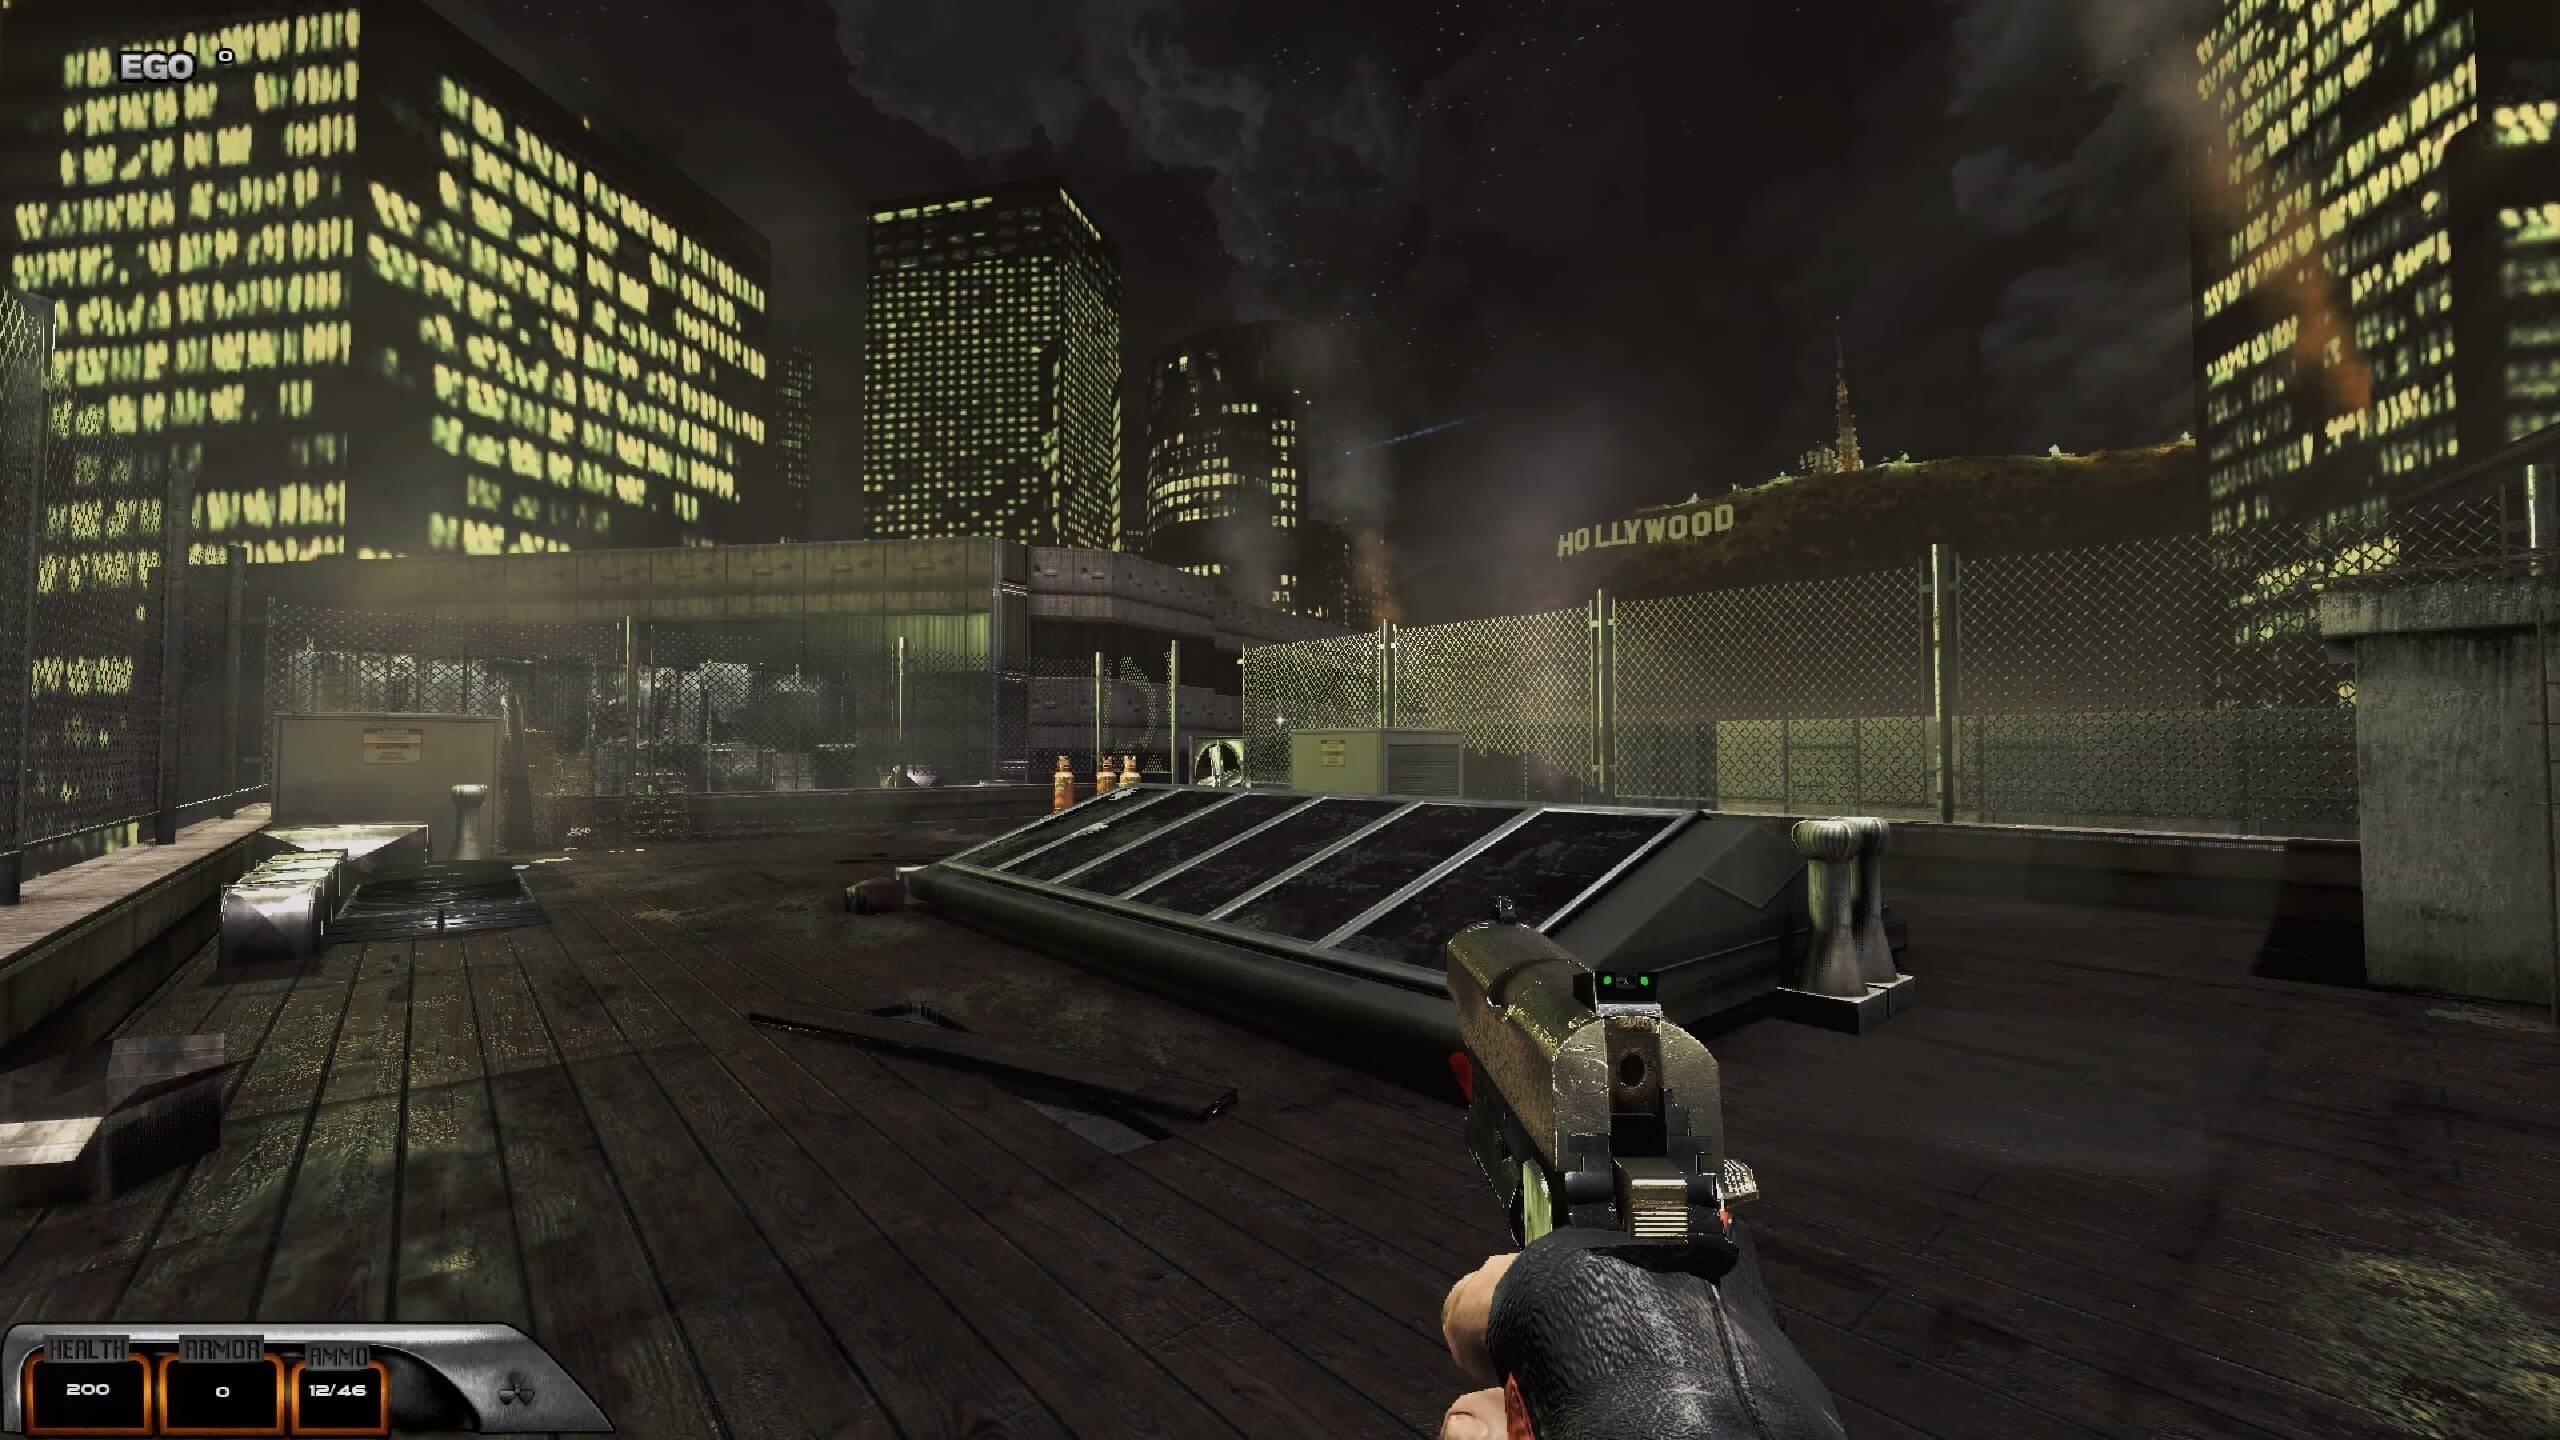 Serious Duke 3D, Duke Nukem 3D remake in Serious Sam 3, is complete